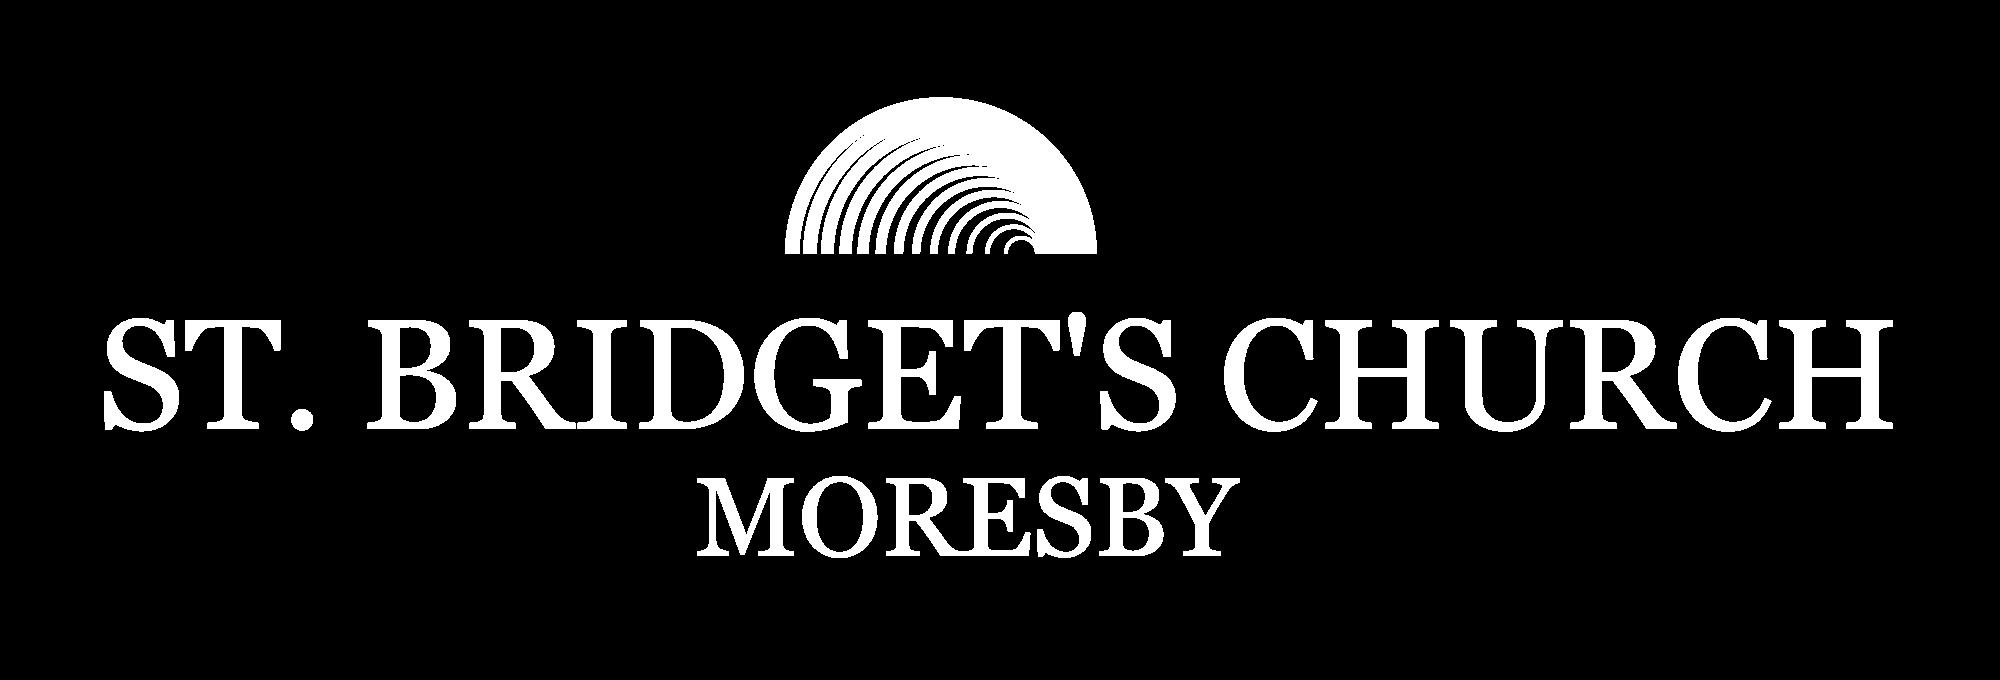 ST. BRIDGET'S CHURCH -logo-white.png